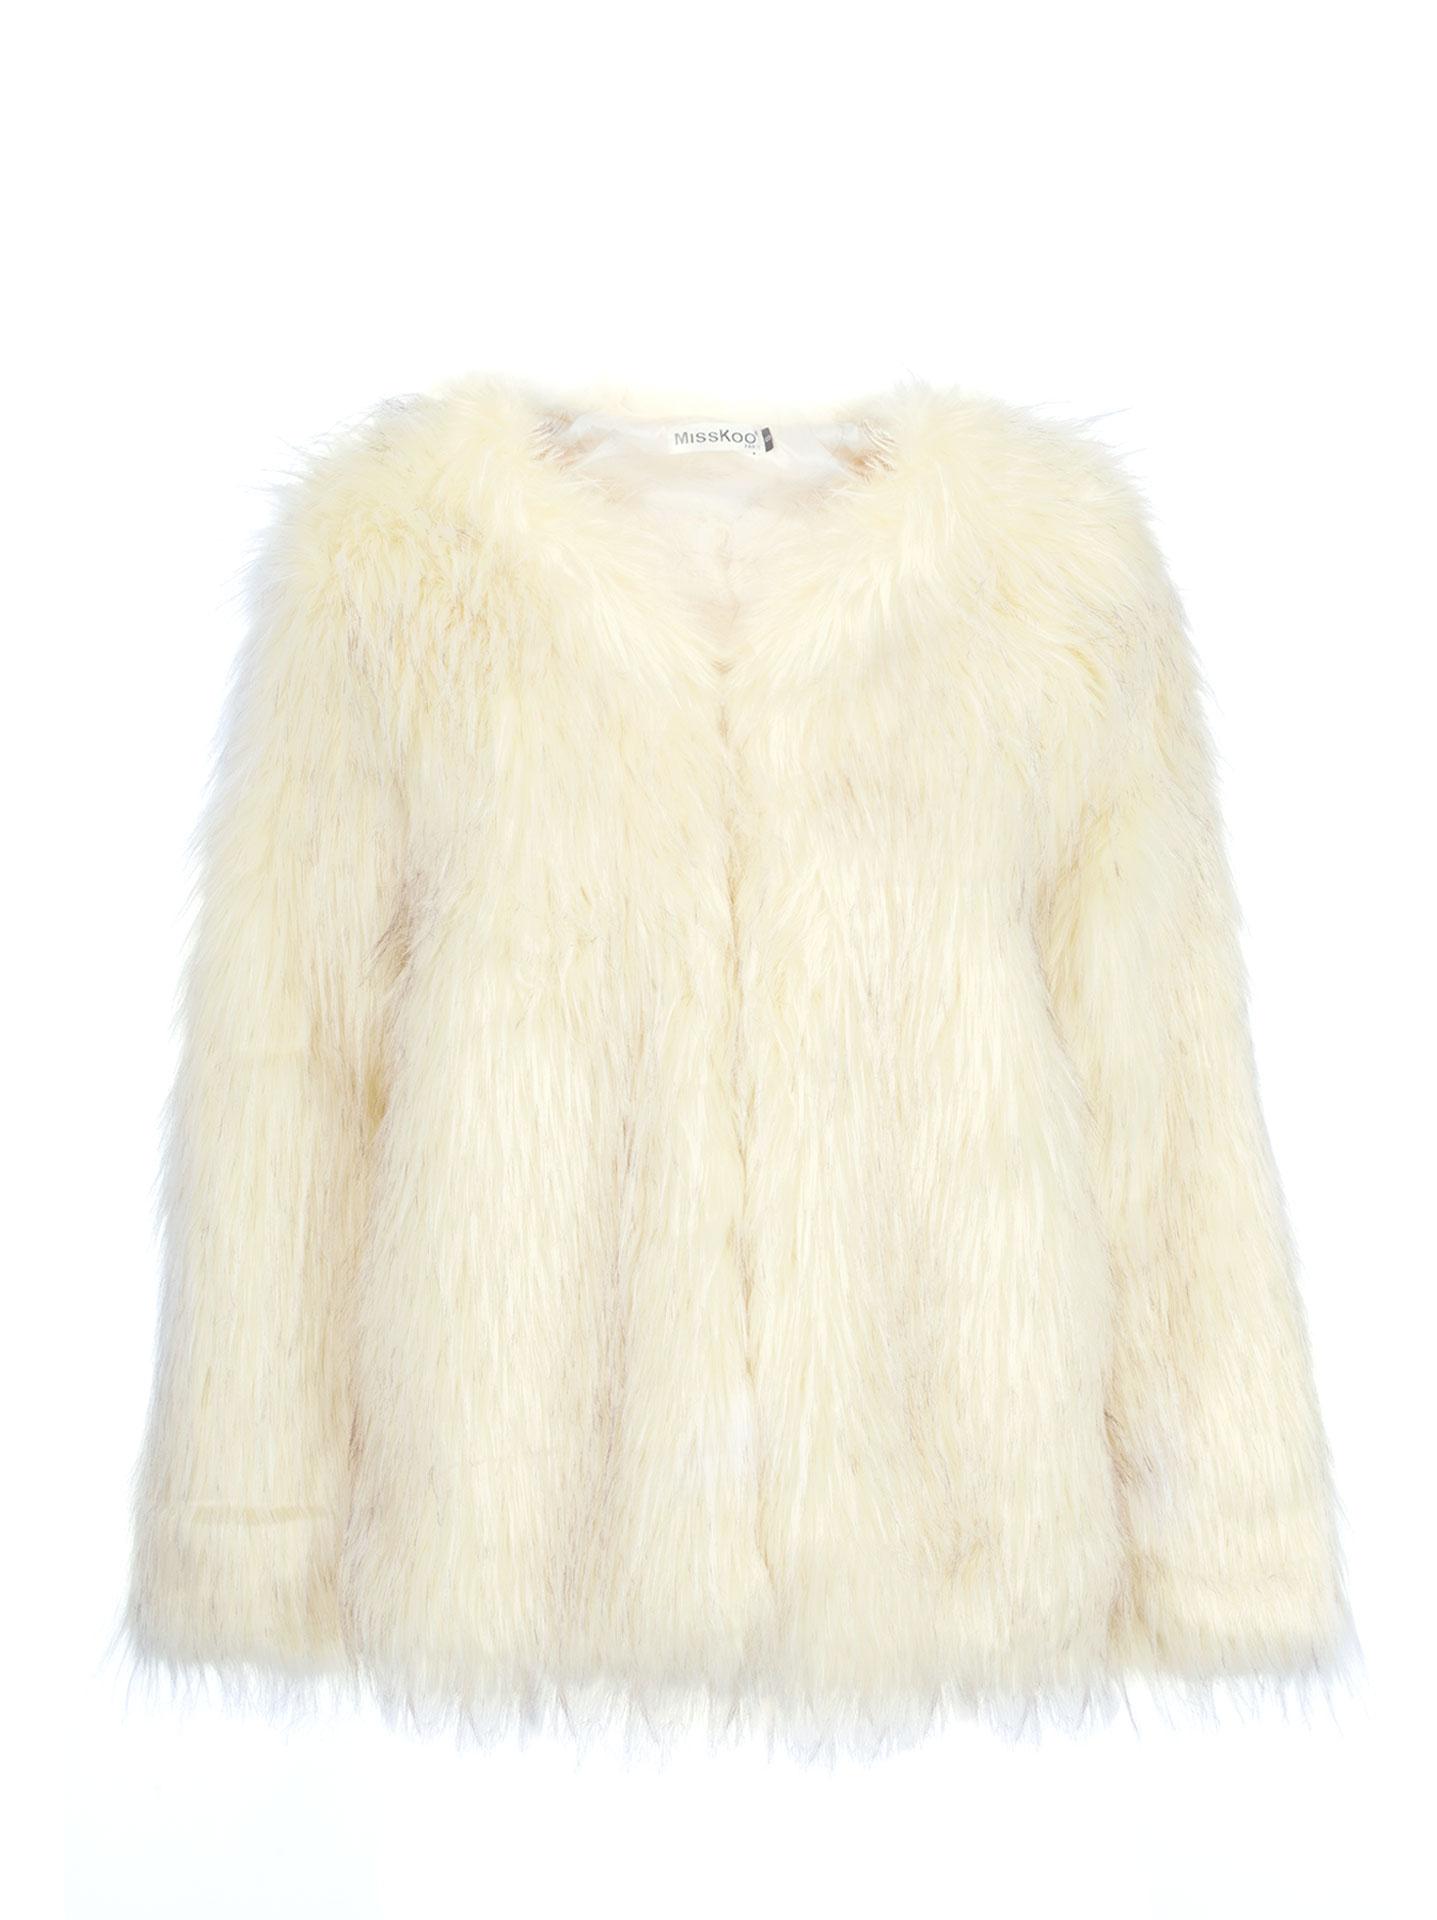 Σακάκι από συνθετική γούνα σε εκρου ccd5c510586